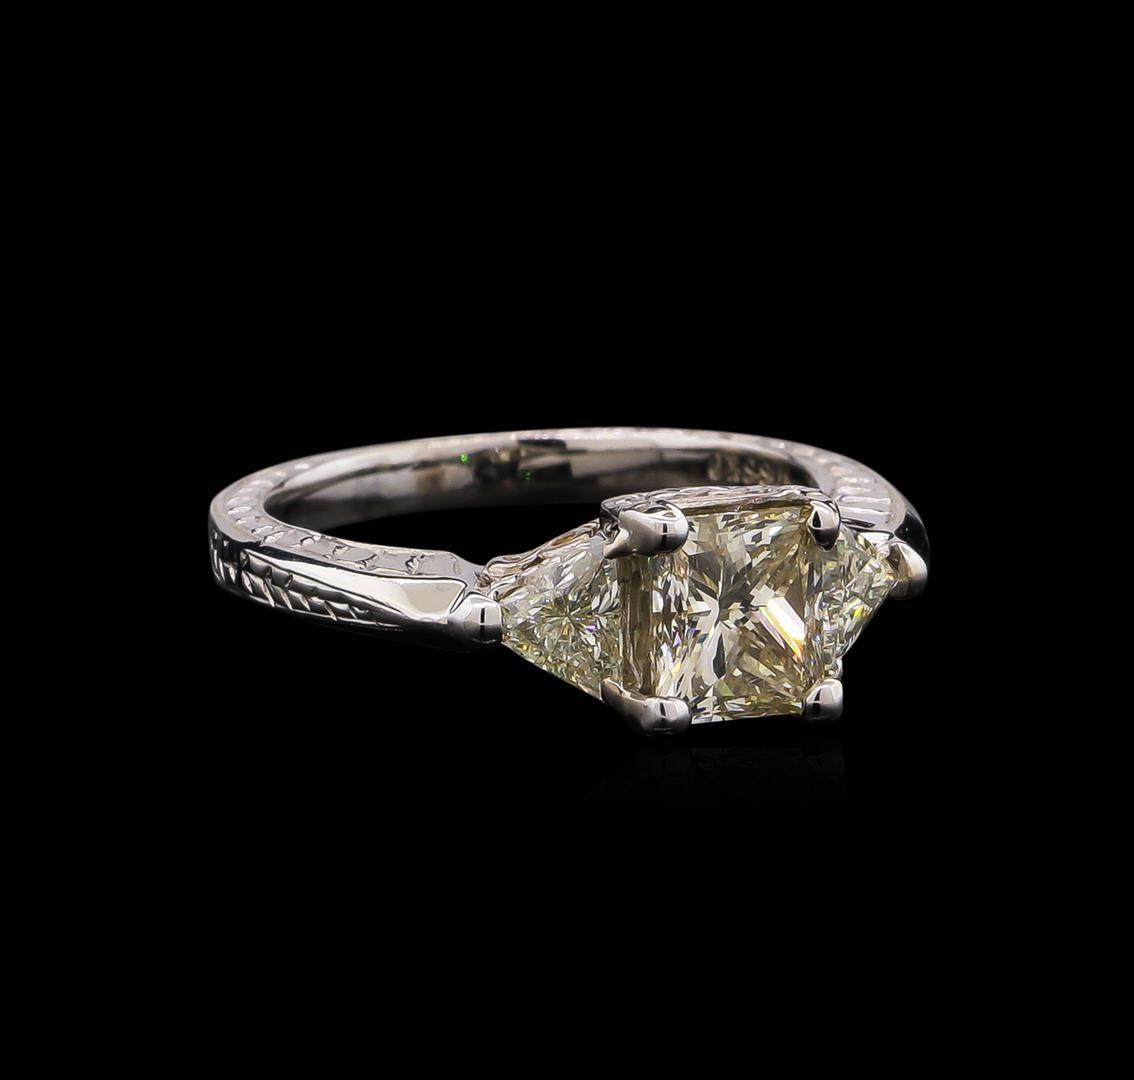 Diamond White Usa >> Egl Usa Cert 1 78 Ctw Diamond Ring 14kt White Gold